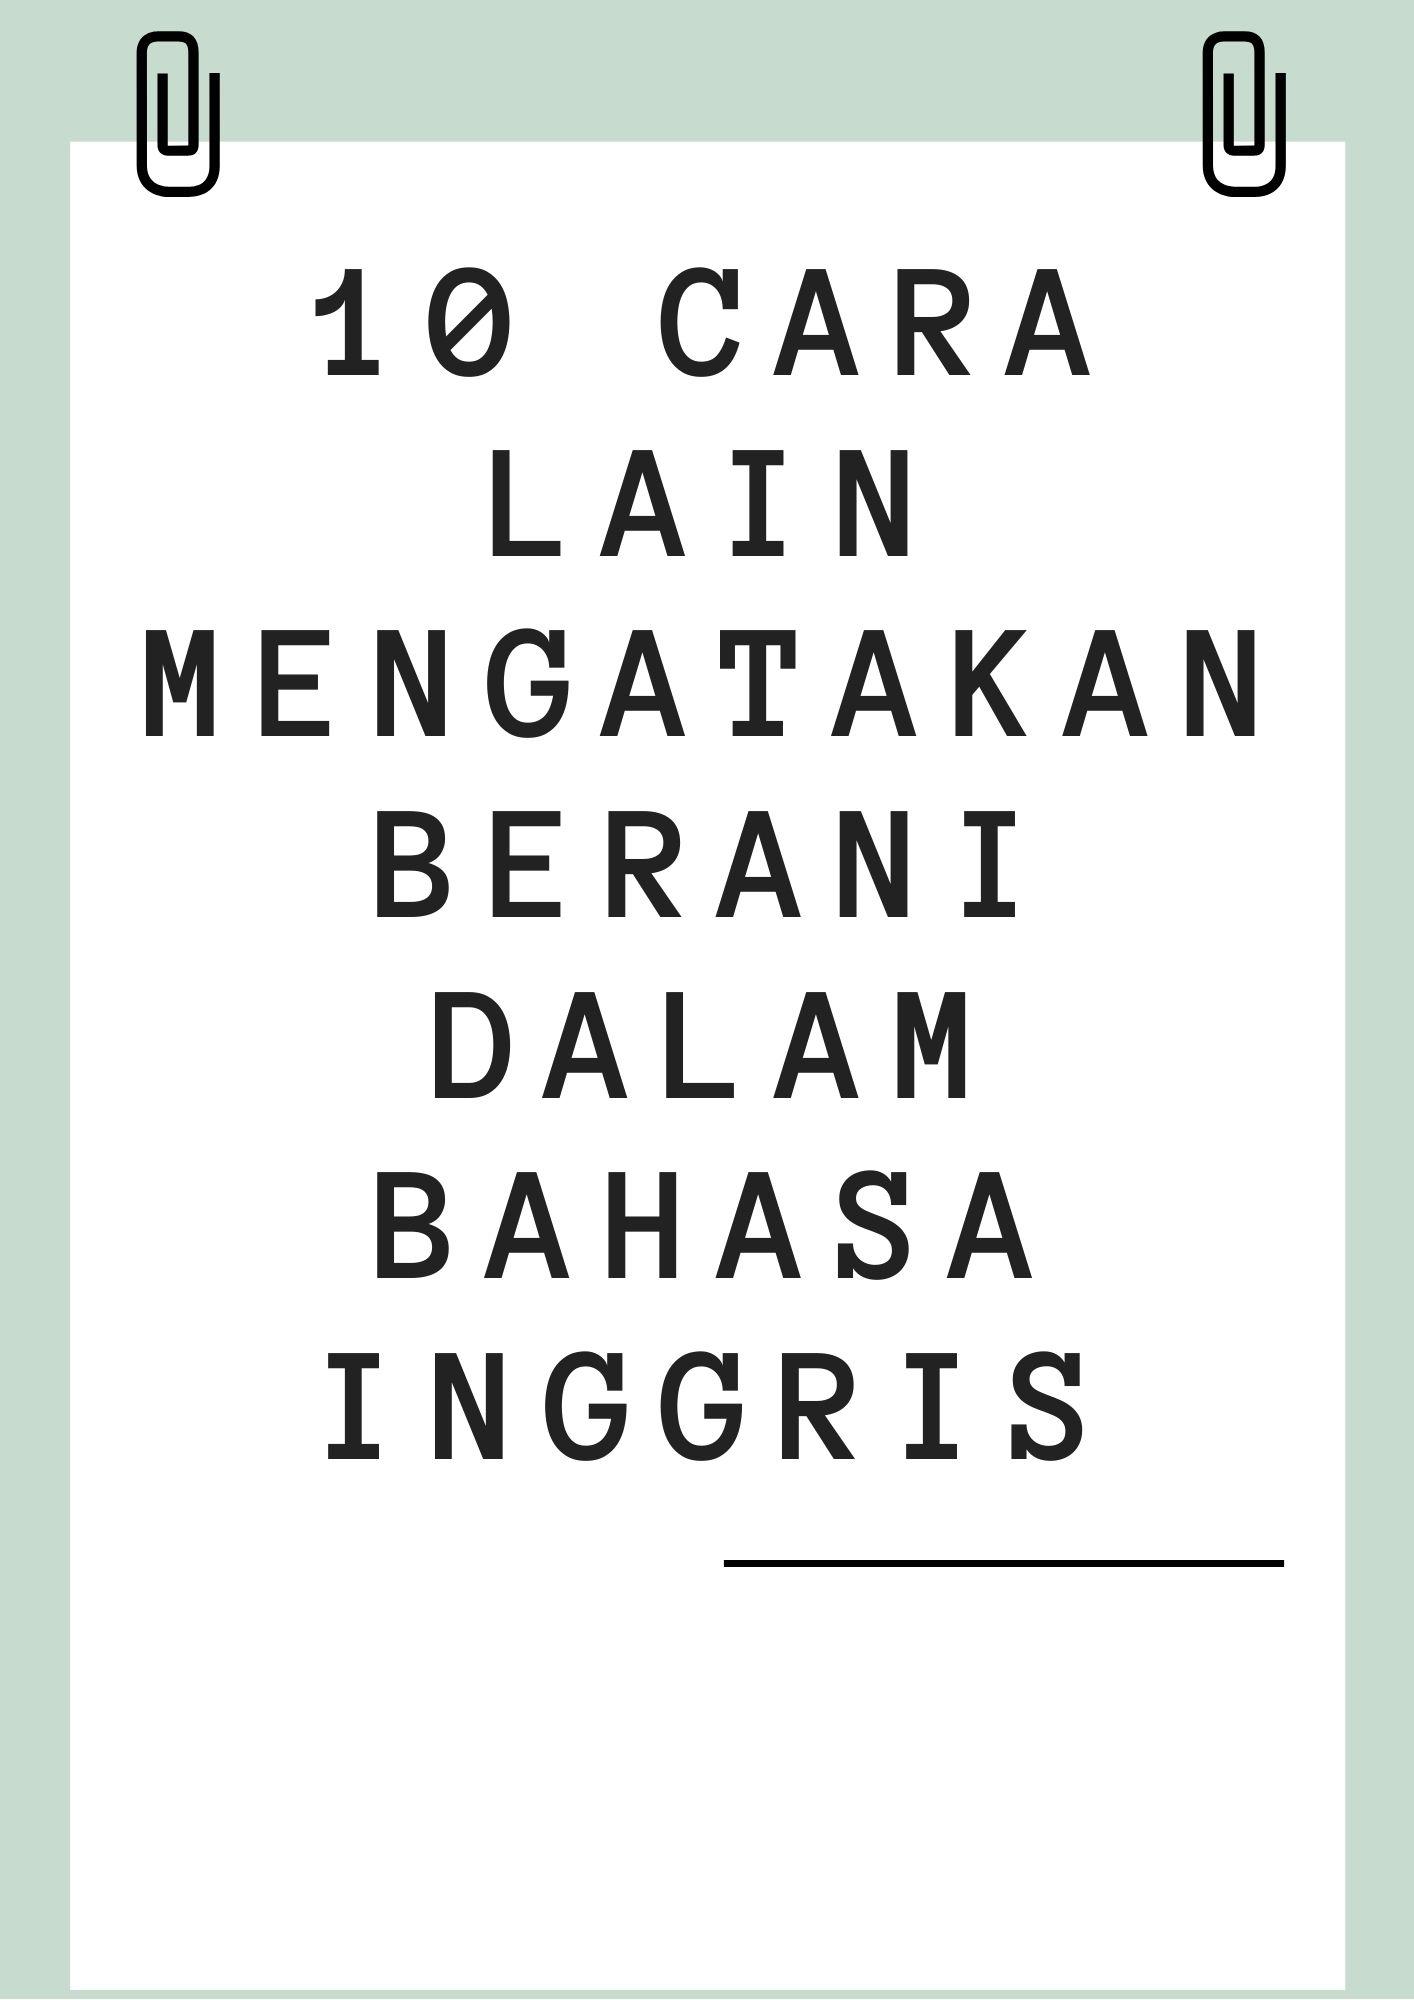 10 cara lain mengatakan berani